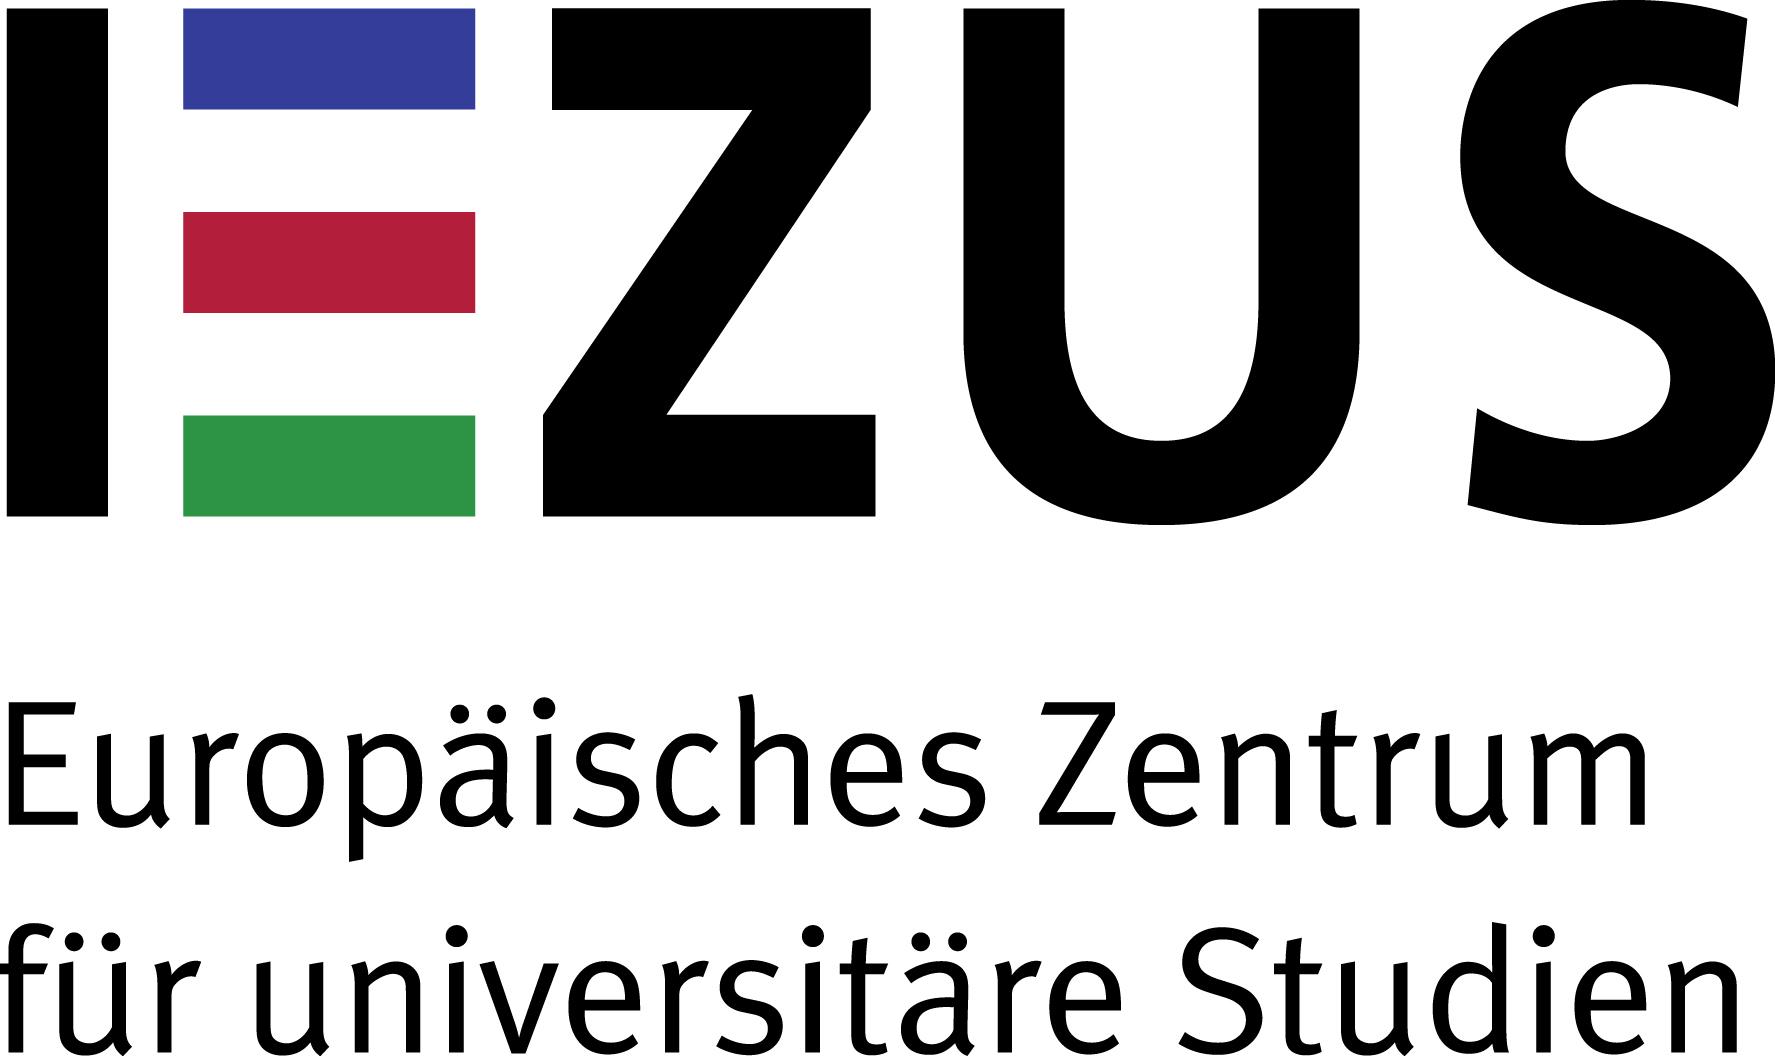 Europäisches Zentrum für universitäre Studien